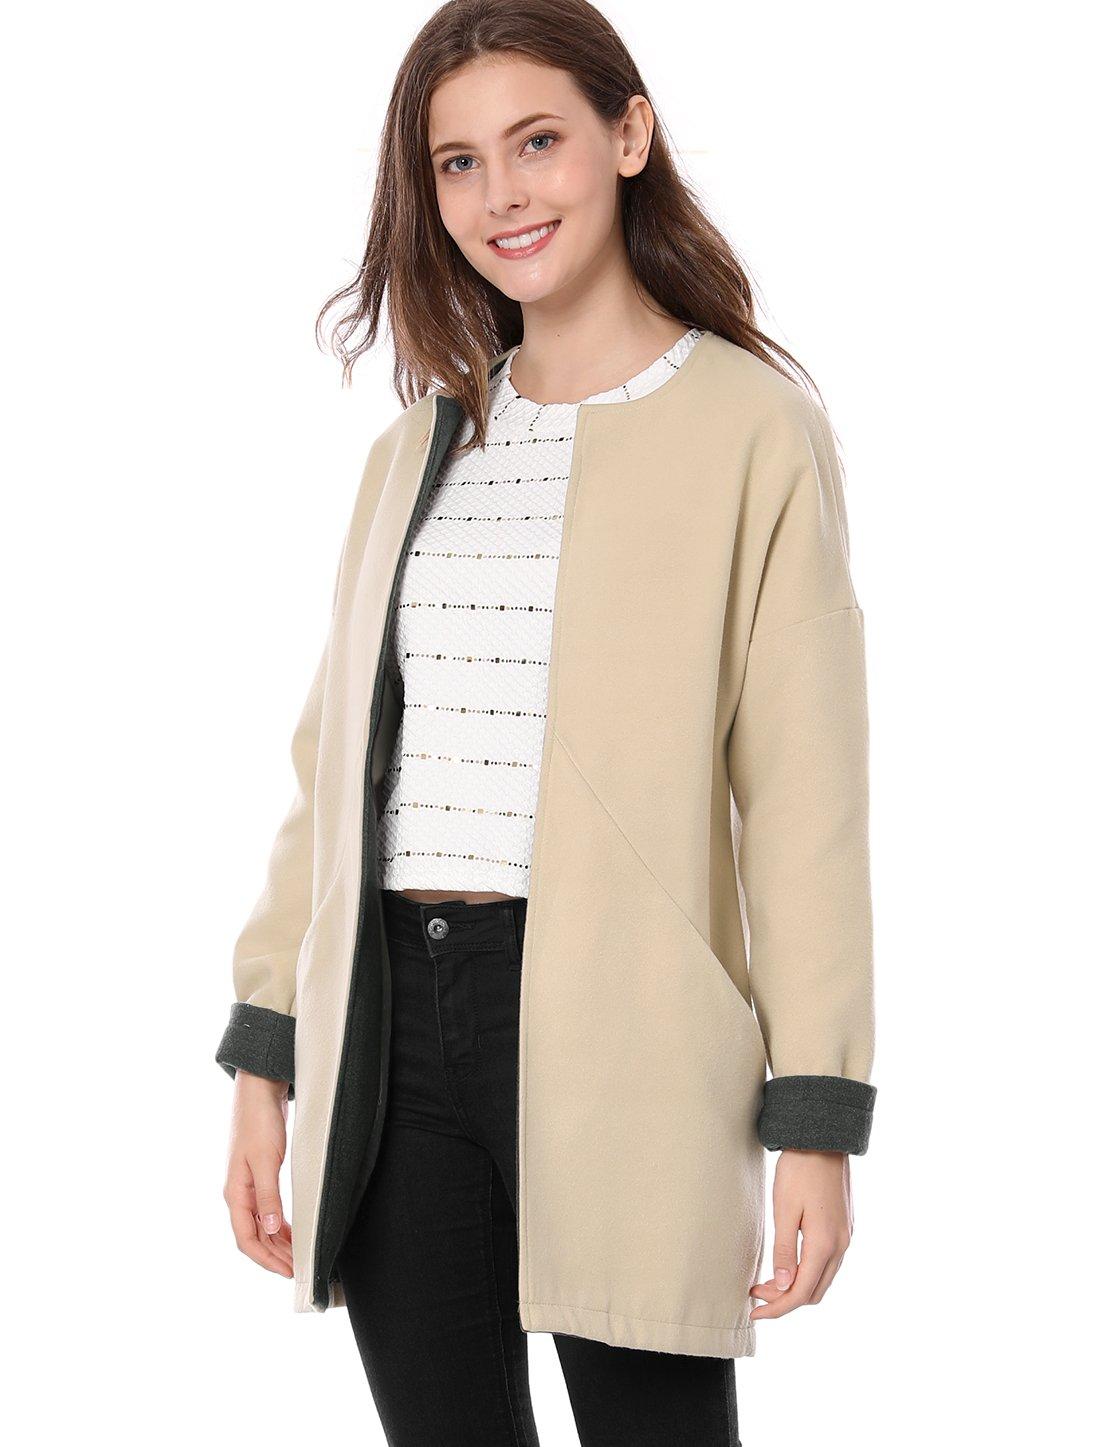 Allegra K Women's Open Front Pockets Drop Shoulder Contrast Color Coat M Beige